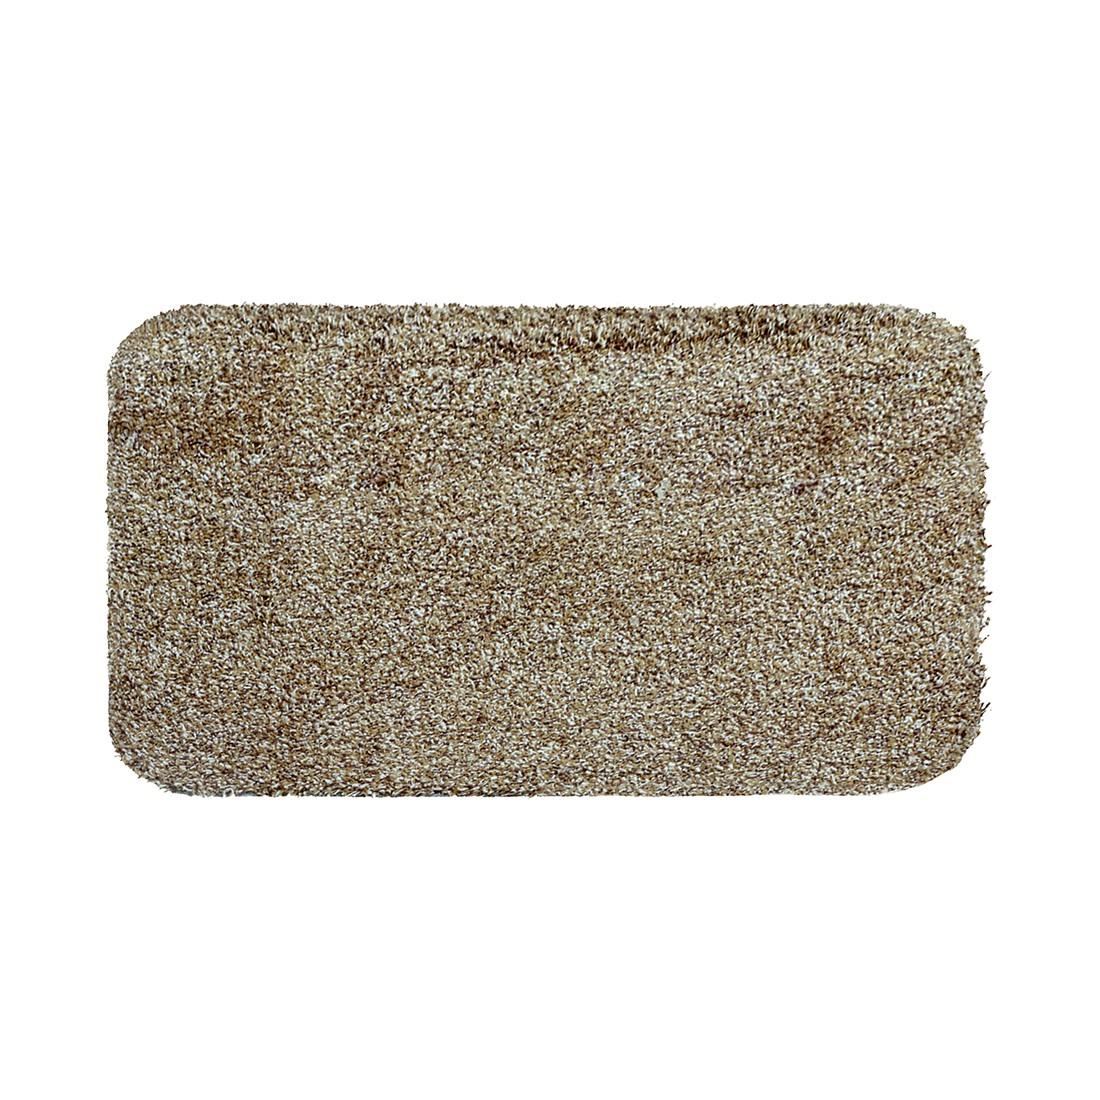 Fußmatte ASTRA Saugaktiv – Beige – 75 x 130 cm, Astra jetzt bestellen